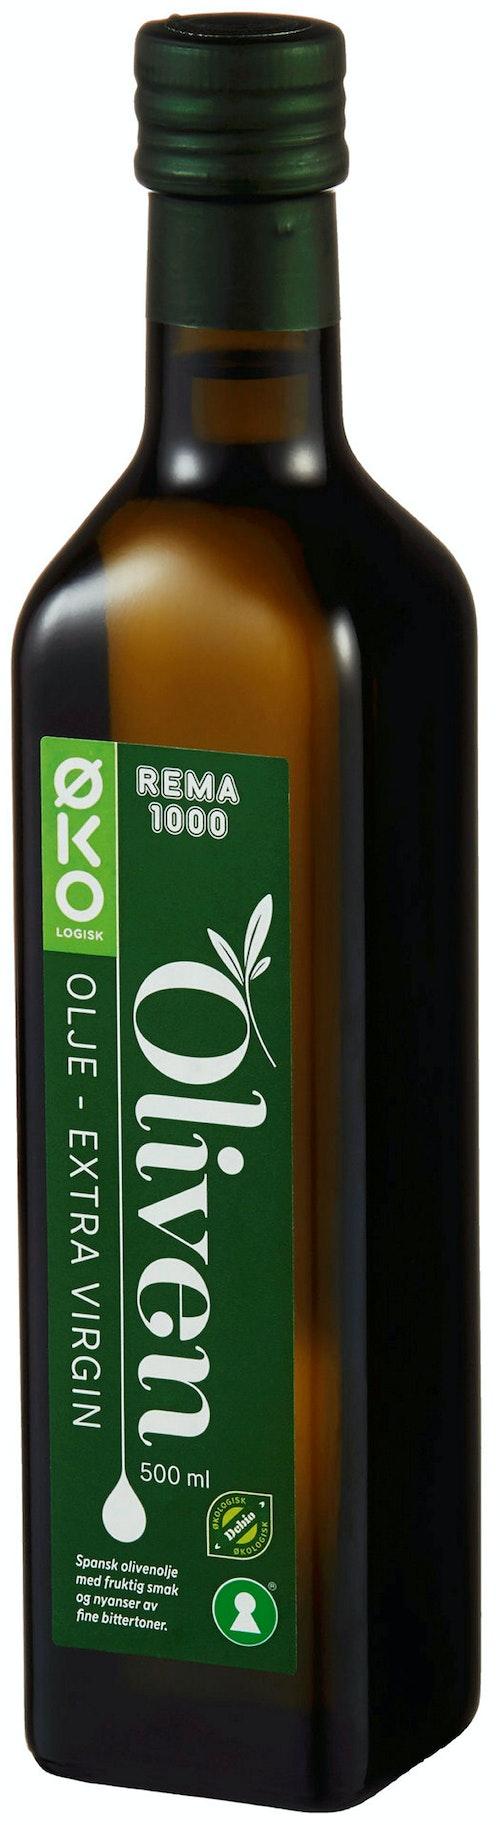 REMA 1000 Olivenolje Extra Virgin Økologisk, 0,5 l